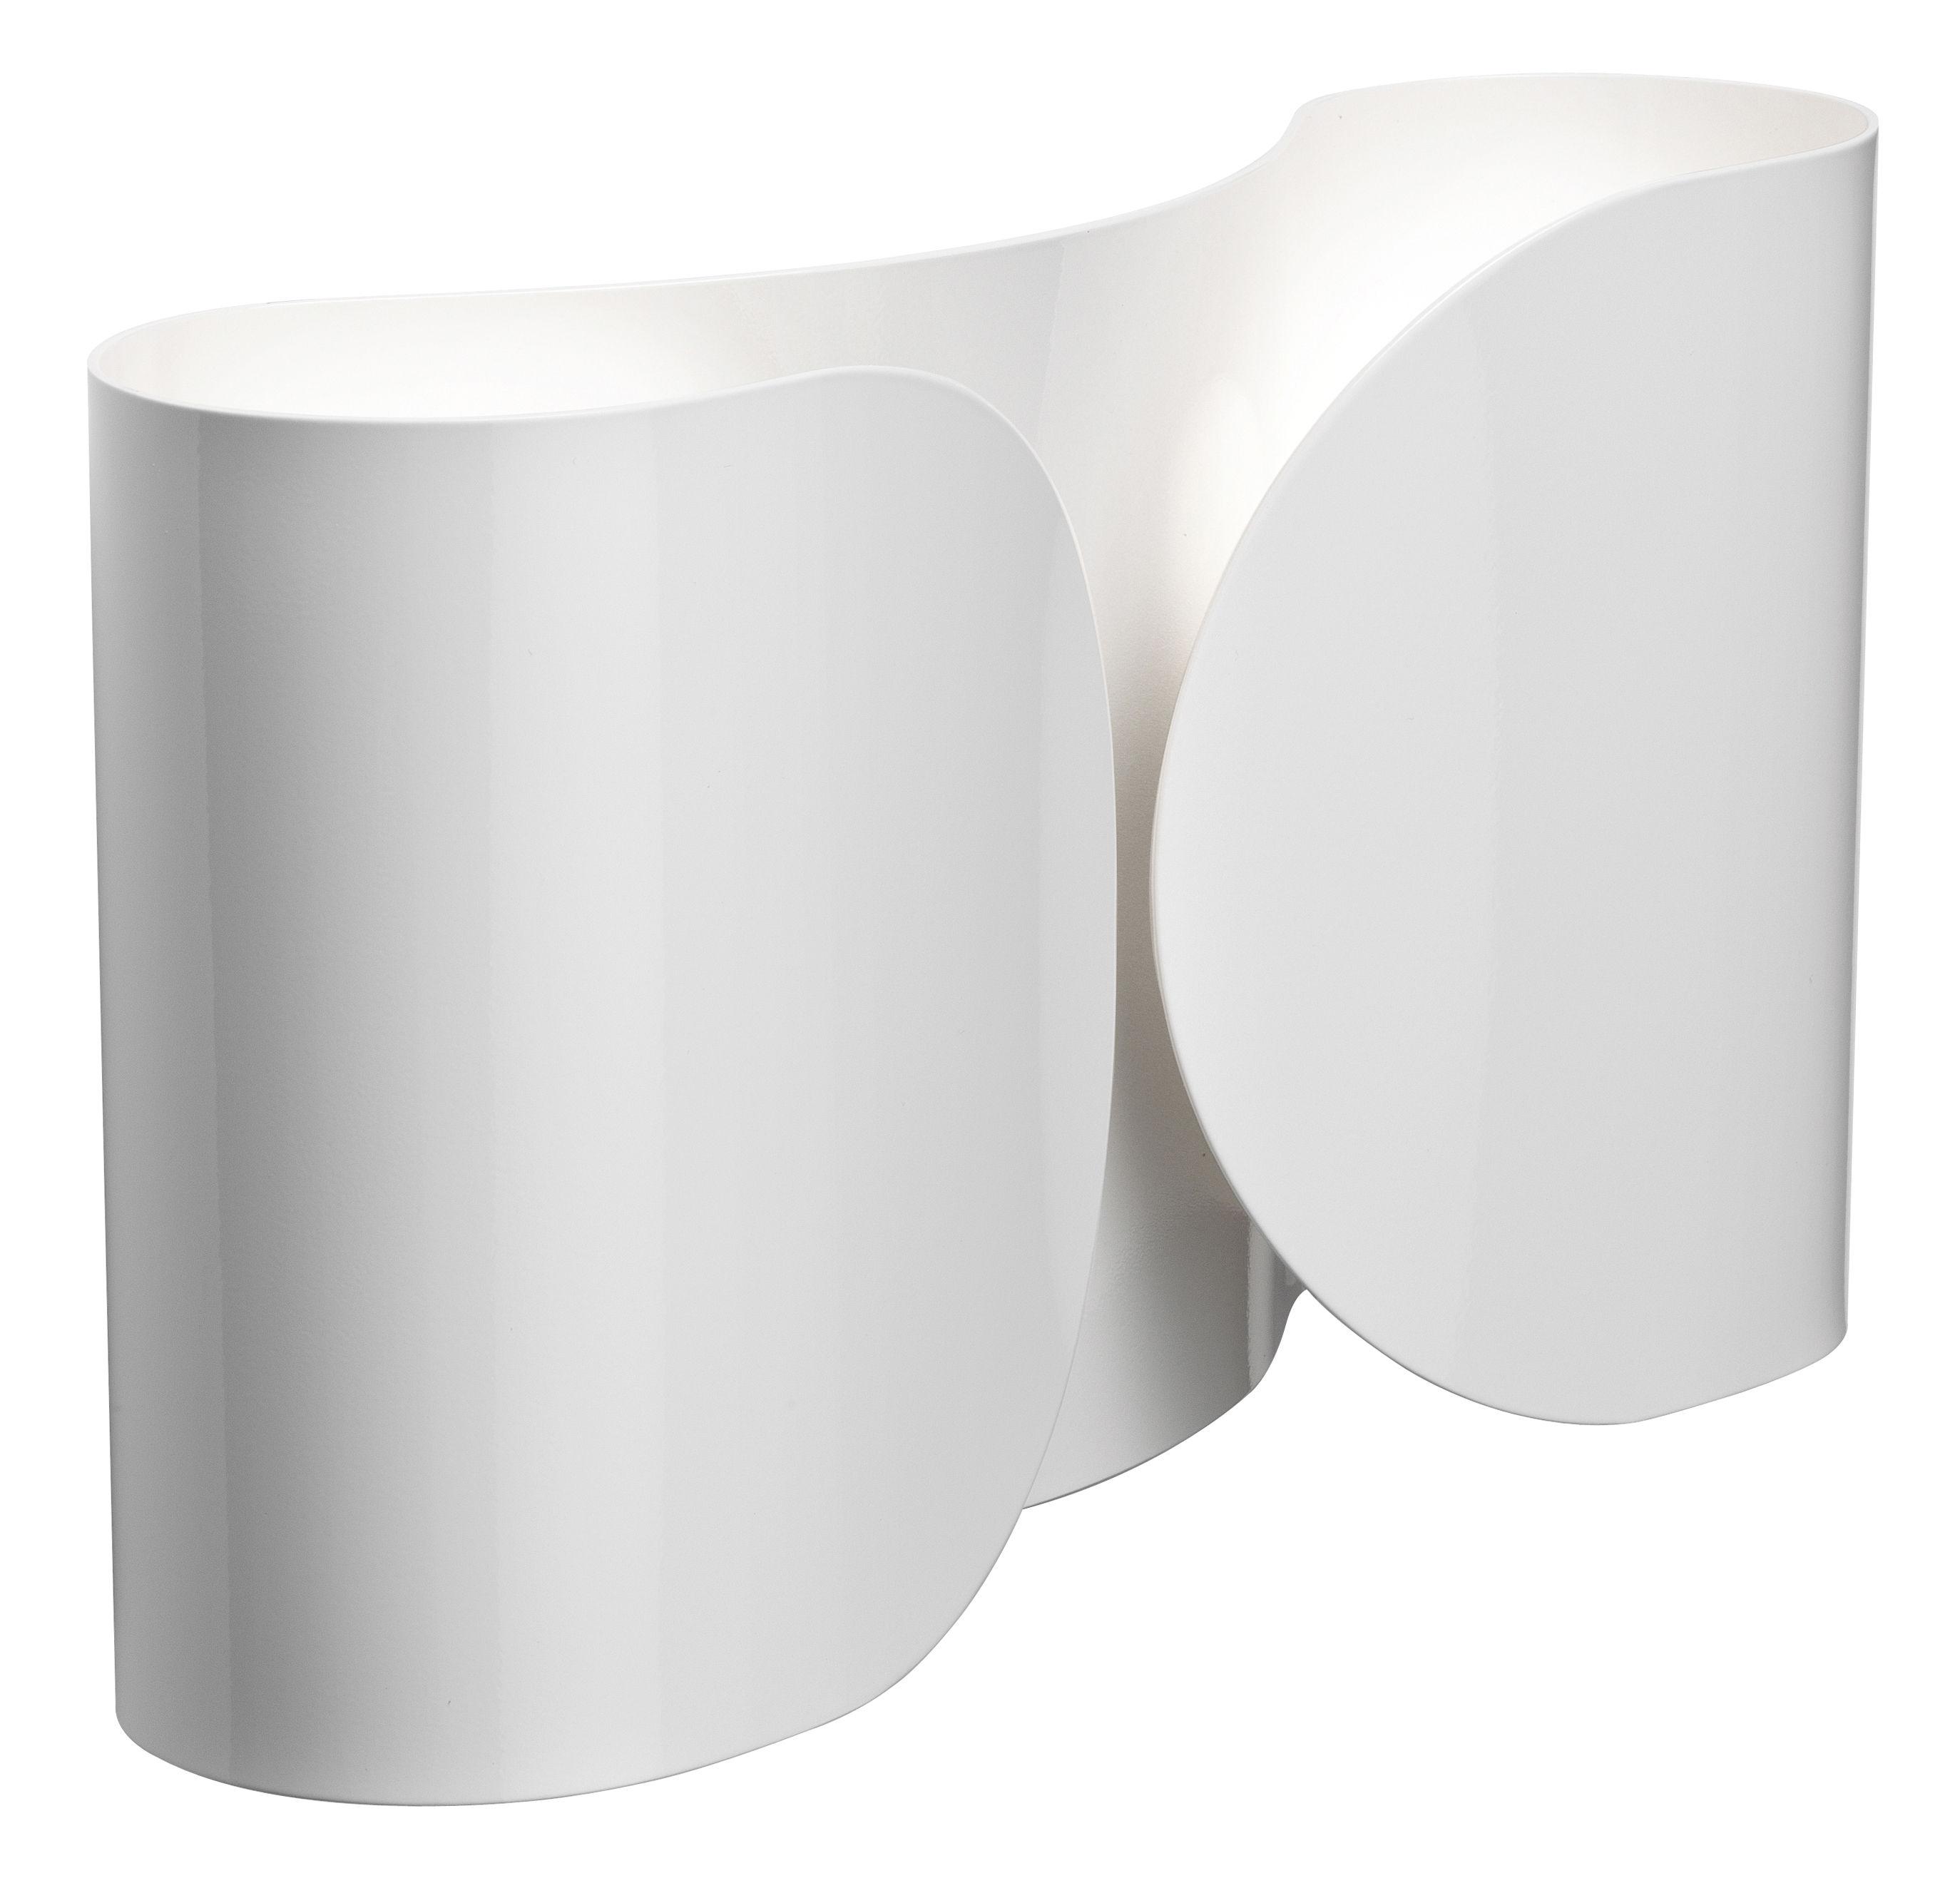 Leuchten - Wandleuchten - Foglio Wandleuchte - Flos - Weiß - Stahl